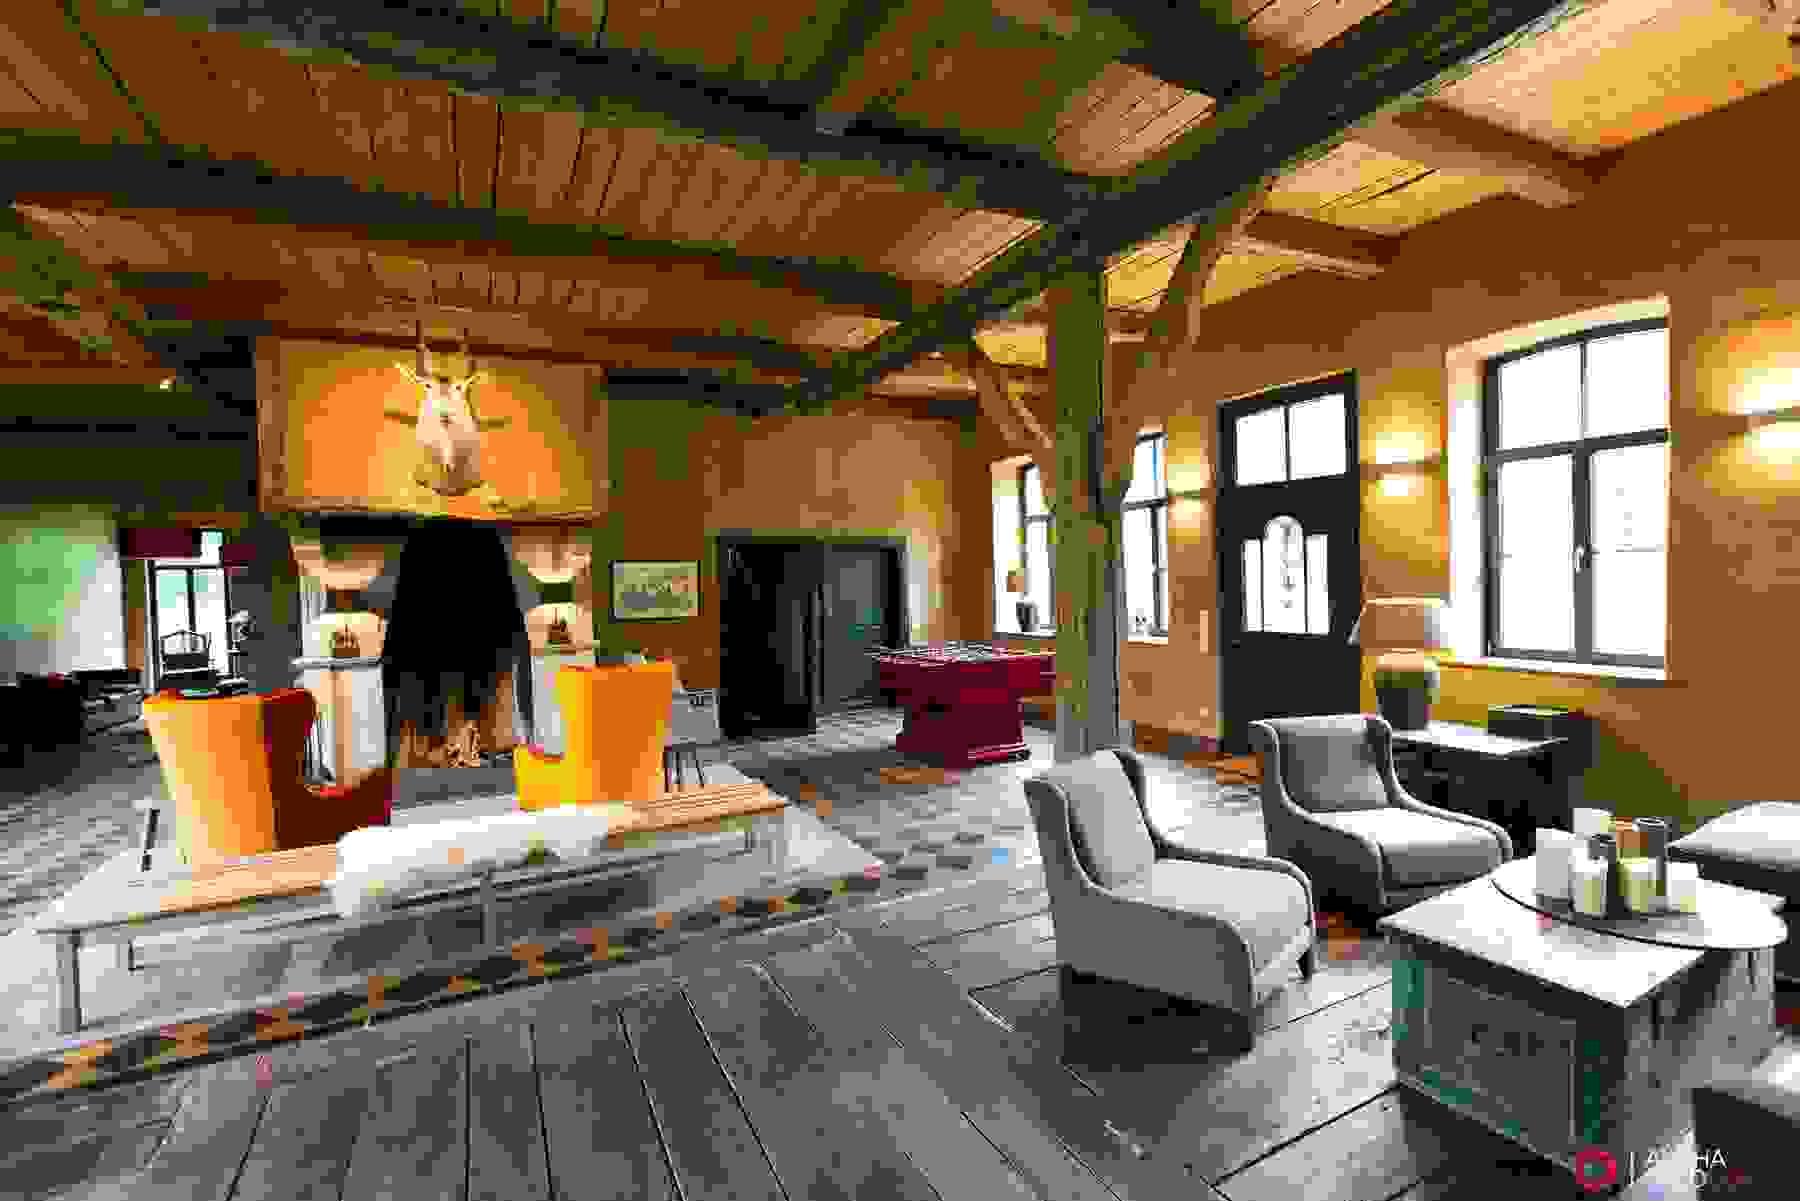 Realizzare una buona e valida copertura in legno è fondamentale per garantire isolamento termico all'intera abitazione. Case Rustiche Interni Idee E Spunti Di Arredamento